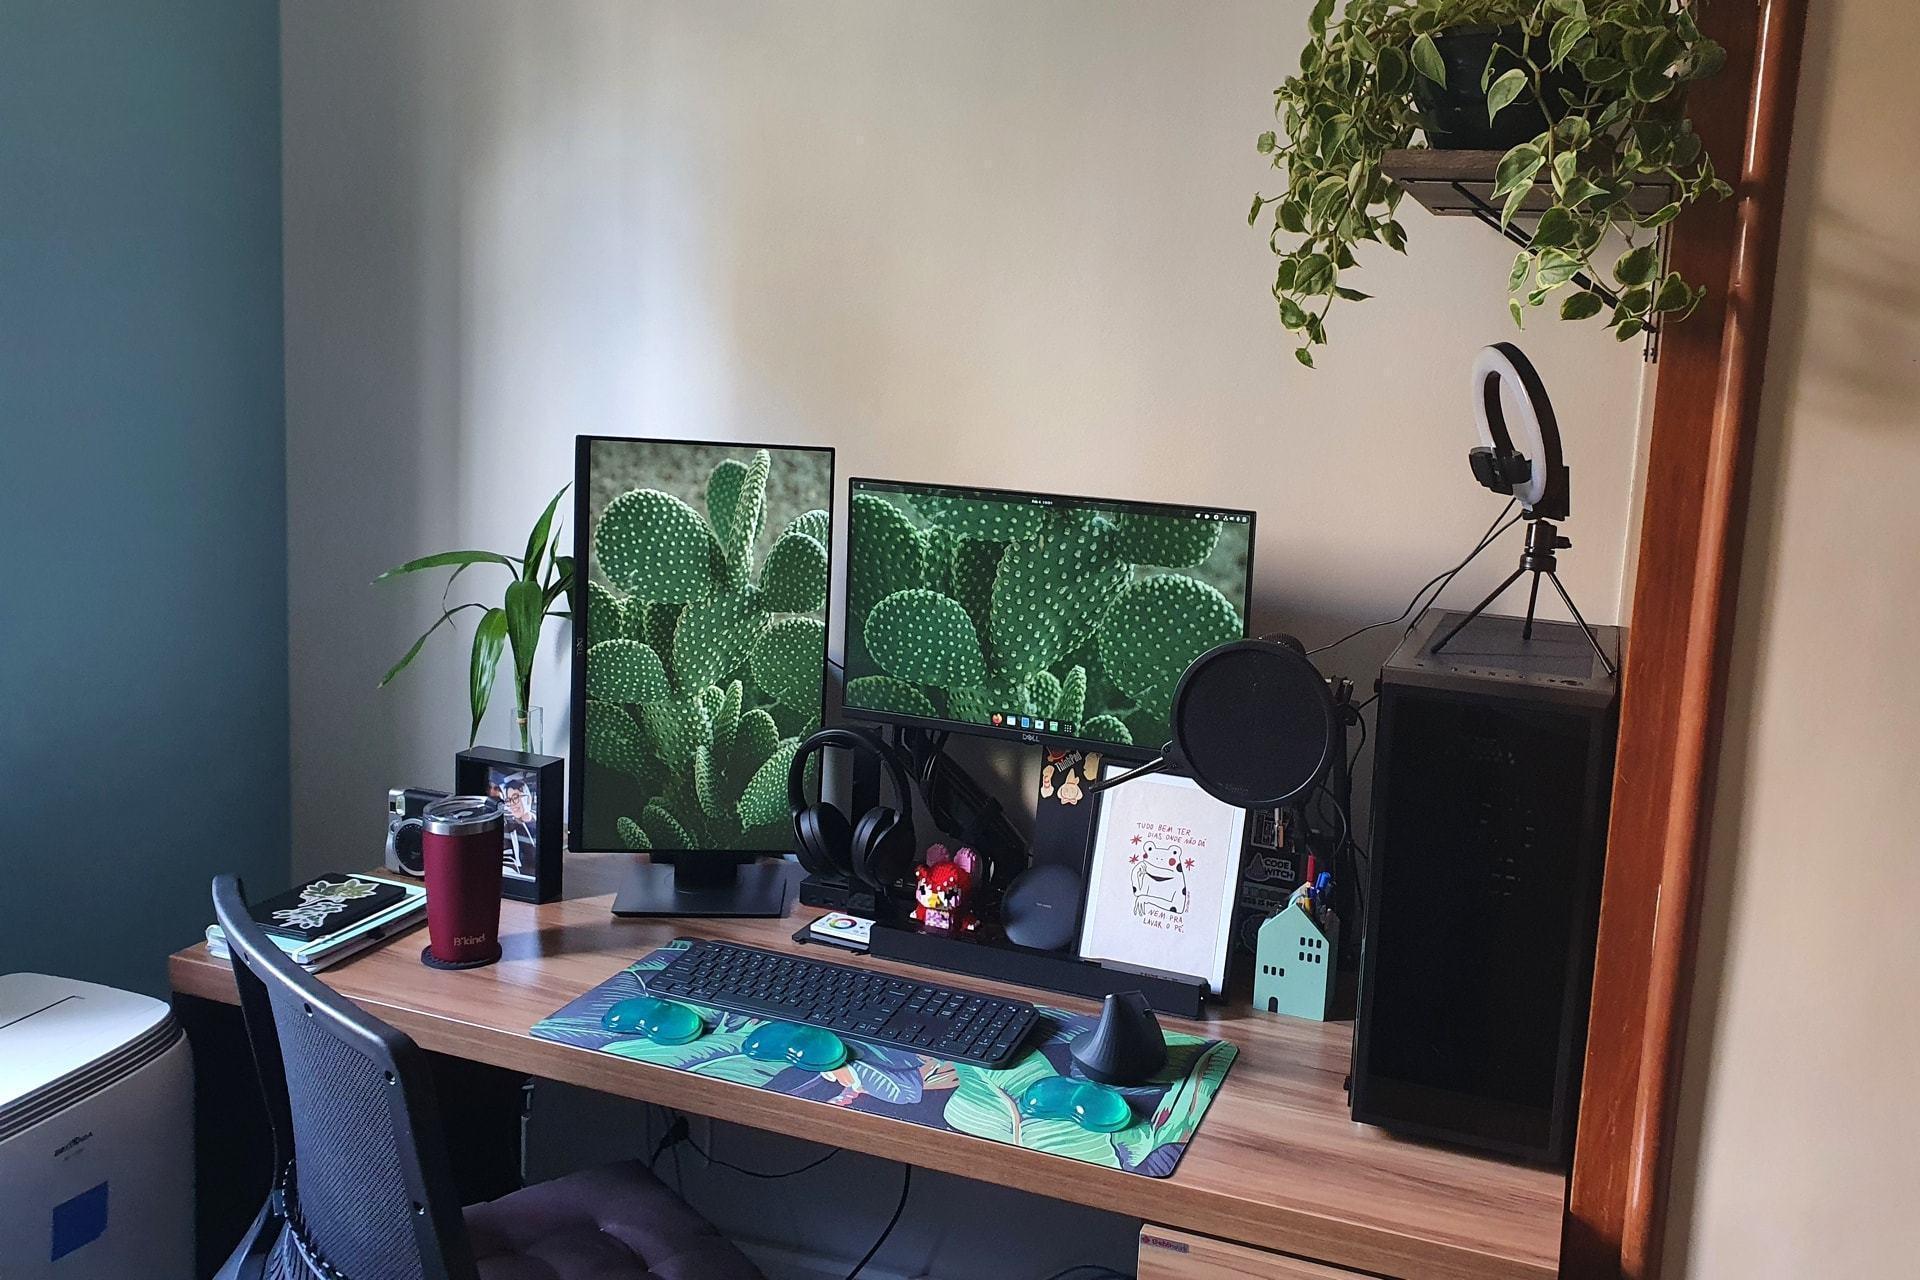 Mesa de escritório de madeira, com dois monitores, um deles na vertical, computador, ring light, mouse e teclado.